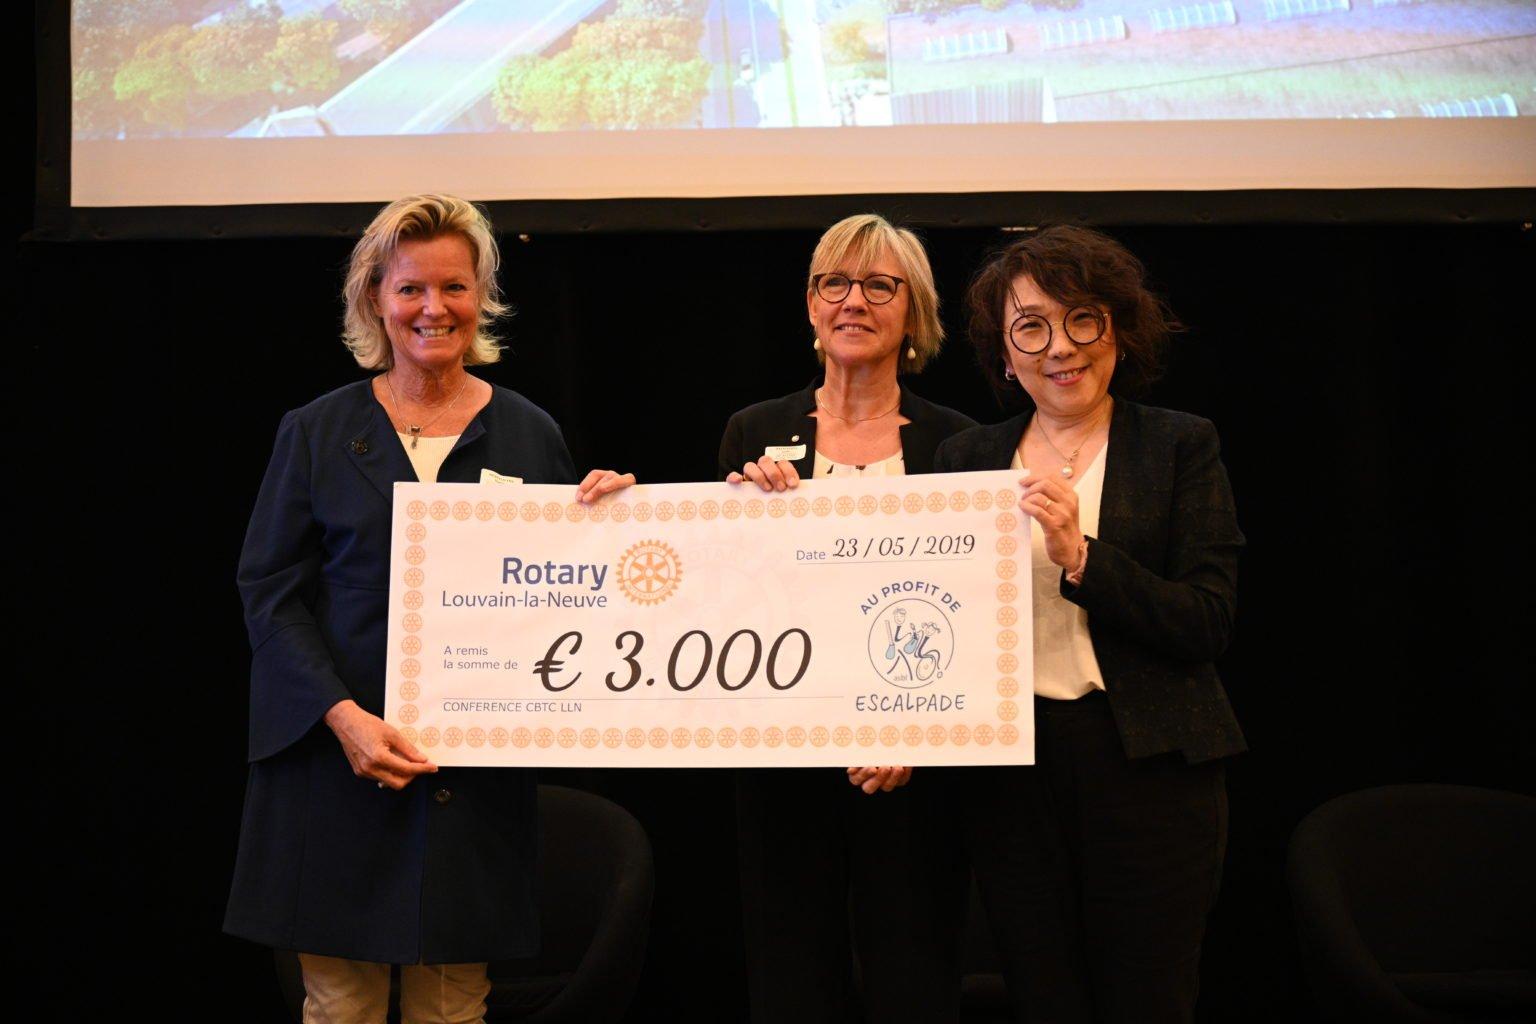 Remise du prix à l'ASBL Escalpade, Conférence à propos du CBTC, par le Rotary Club de Louvain-La-Neuve